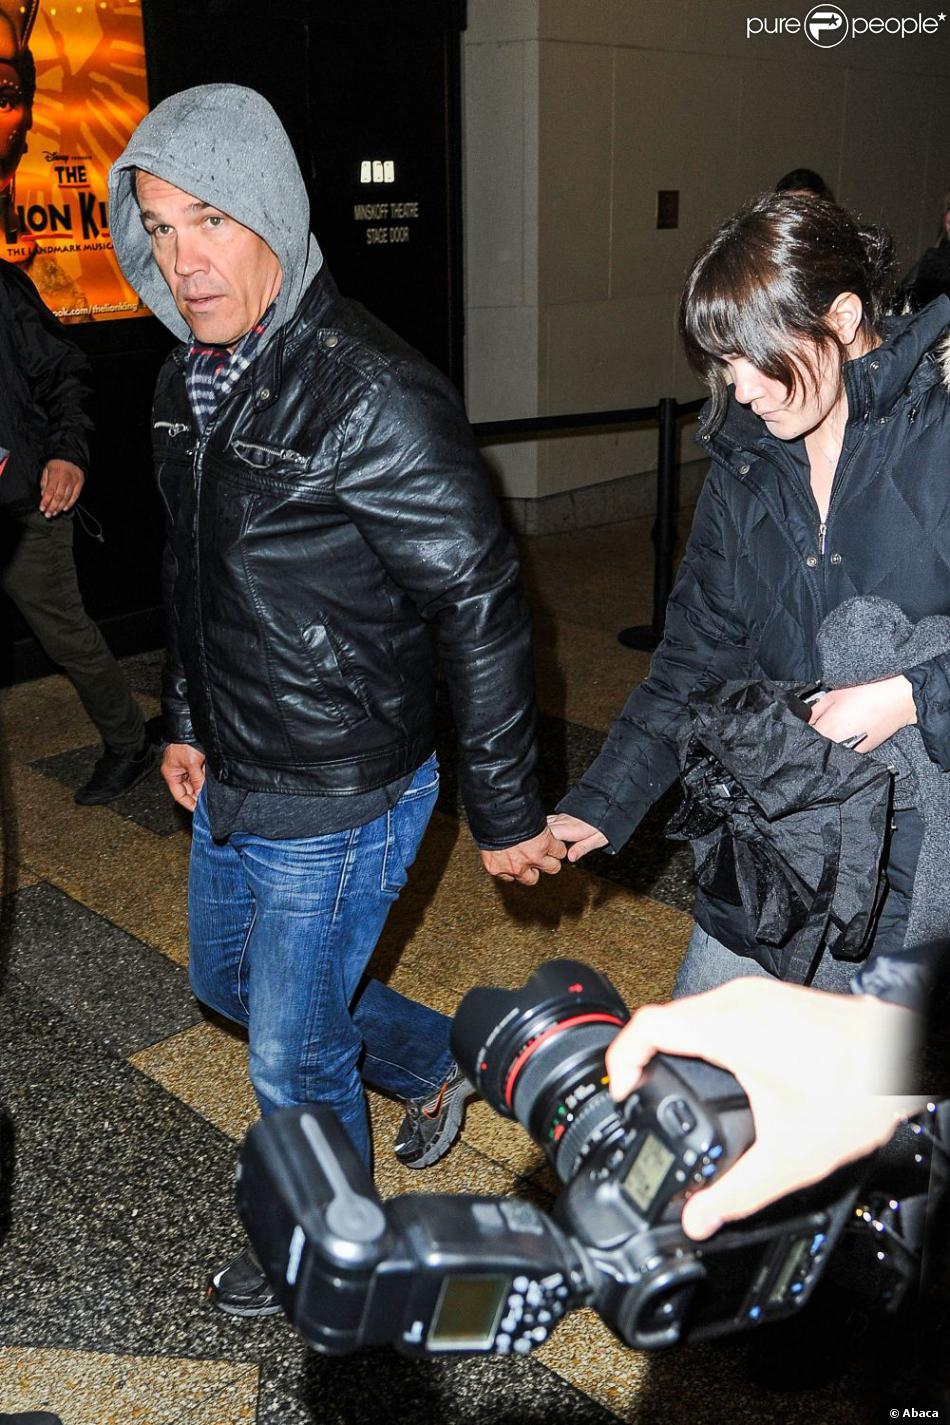 Josh Brolin, en instance de divorce avec Diane Lane, accompagnait sa fille Eden au Minskoff Theatre de New York samedi 23 février 2012 pour aller voir une représentation du  musical   Le Roi Lion .